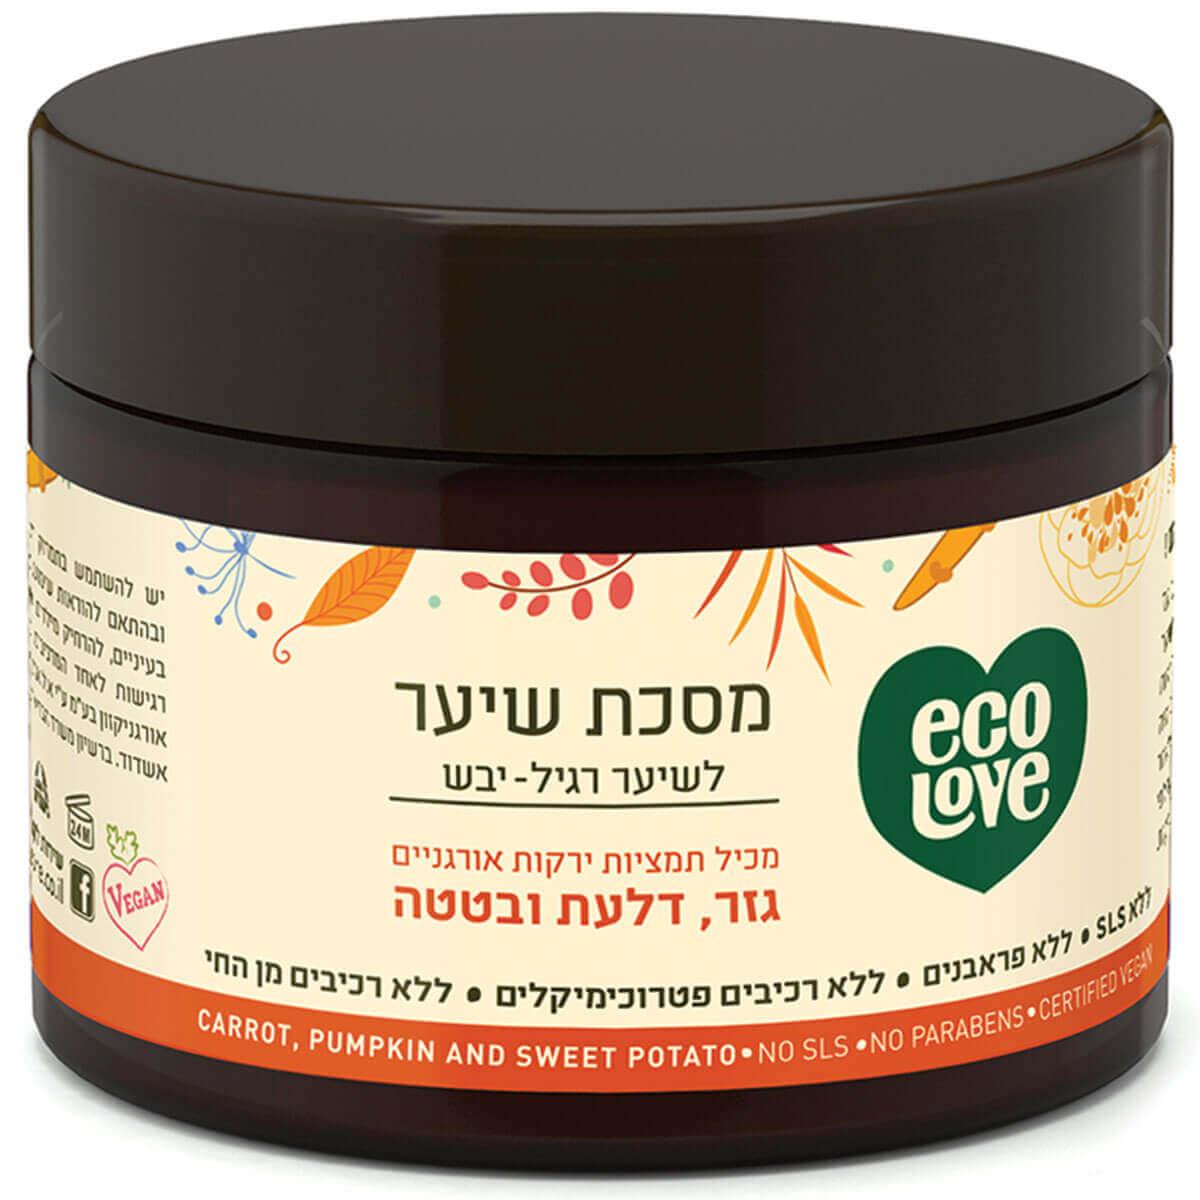 אקו לאב |מסיכה לשיער רגיל-יבש, ירקות כתומים - 350 מל ecoloveתמונה של